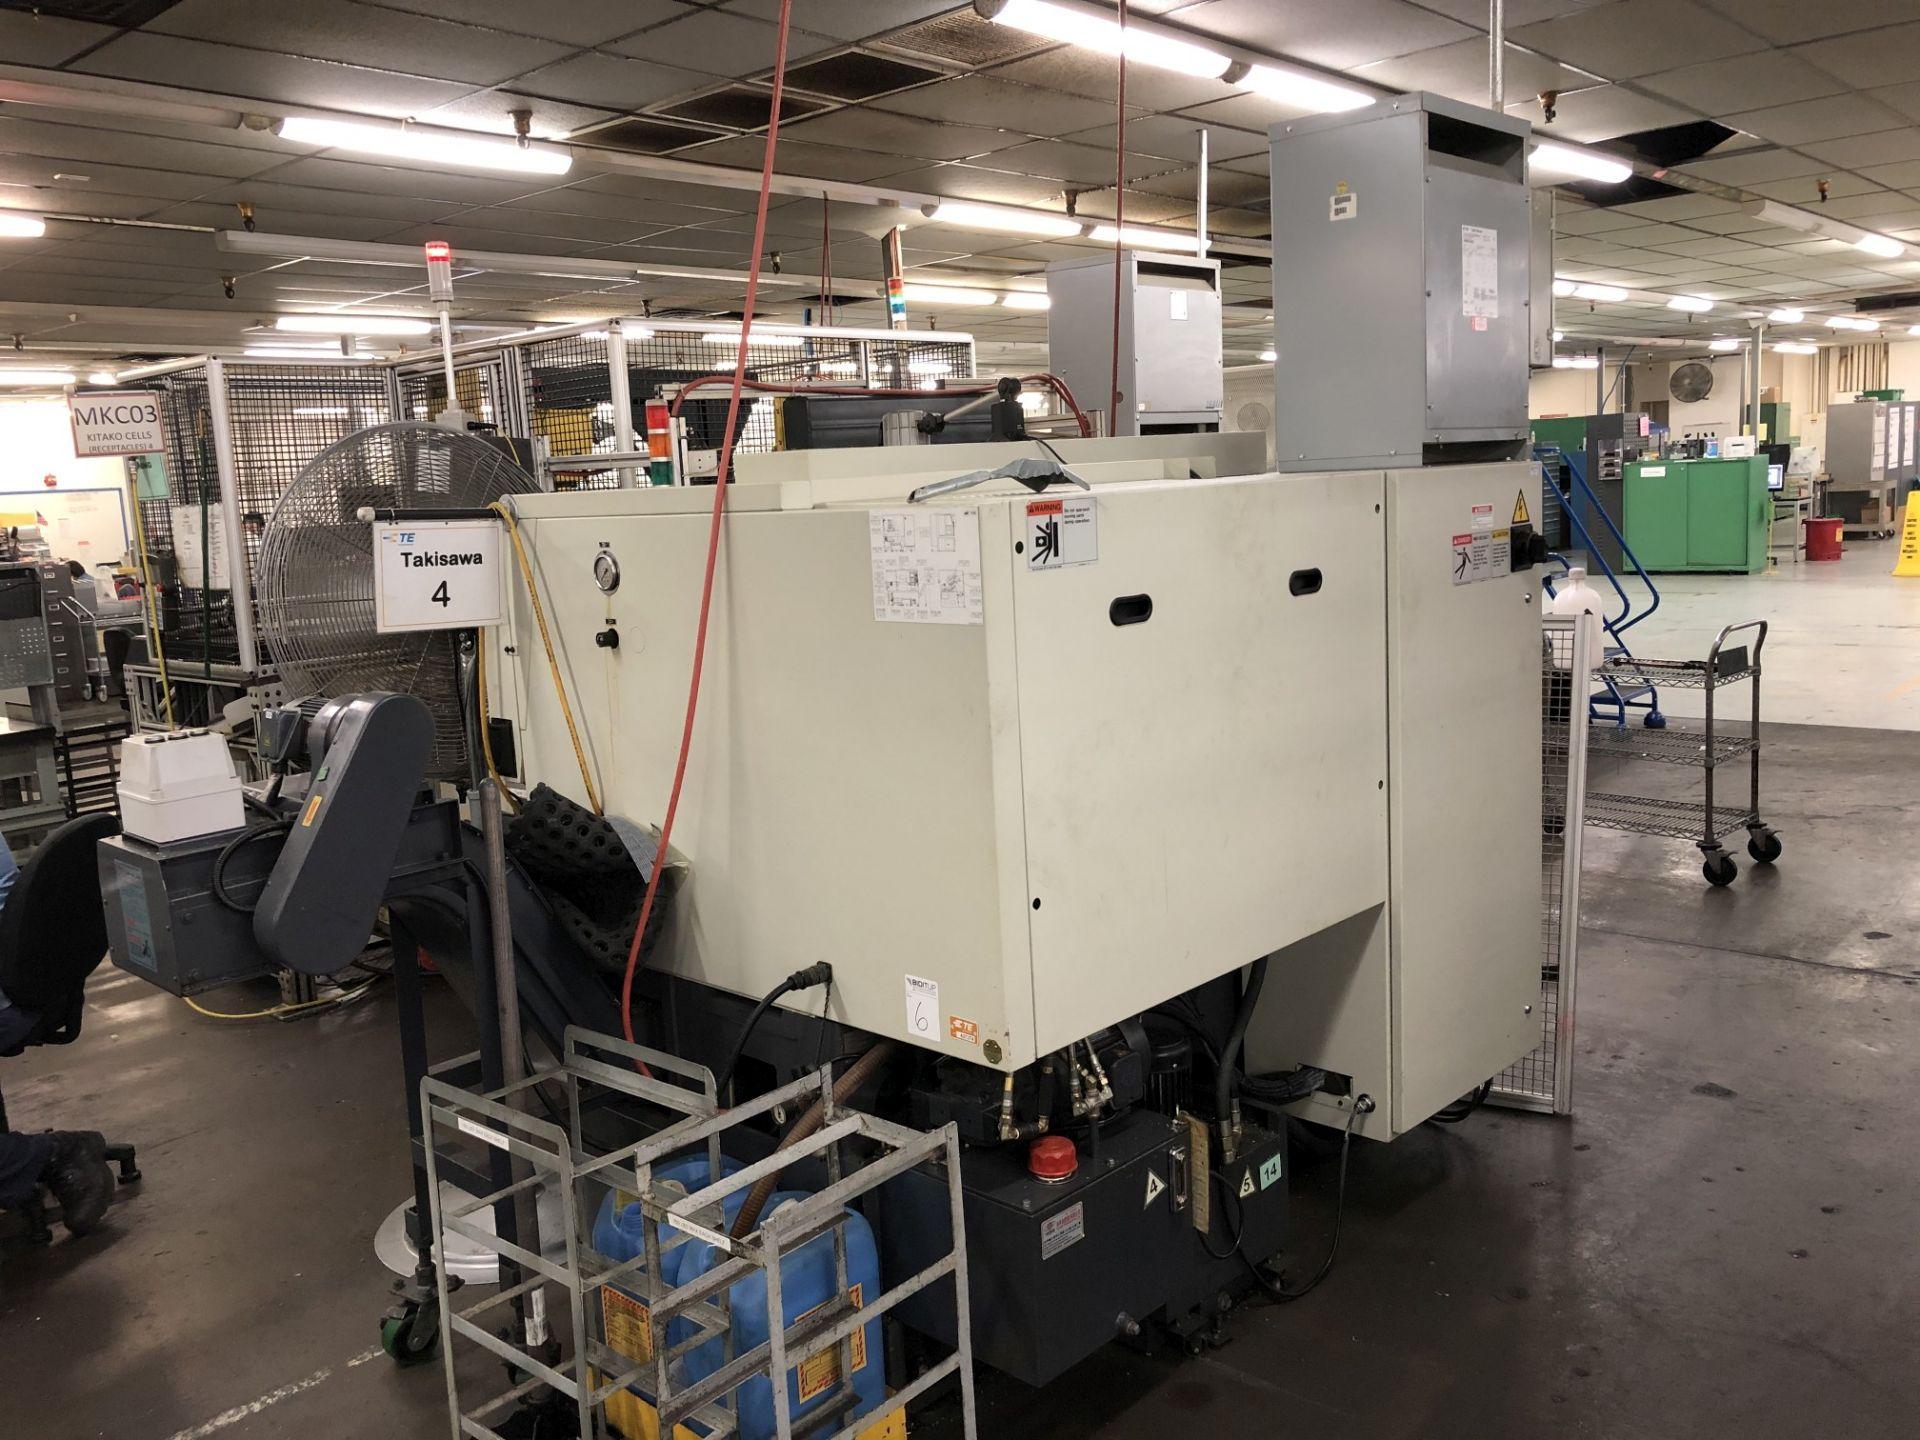 2006 Takisawa EX-106 CNC Lathe - Image 5 of 8